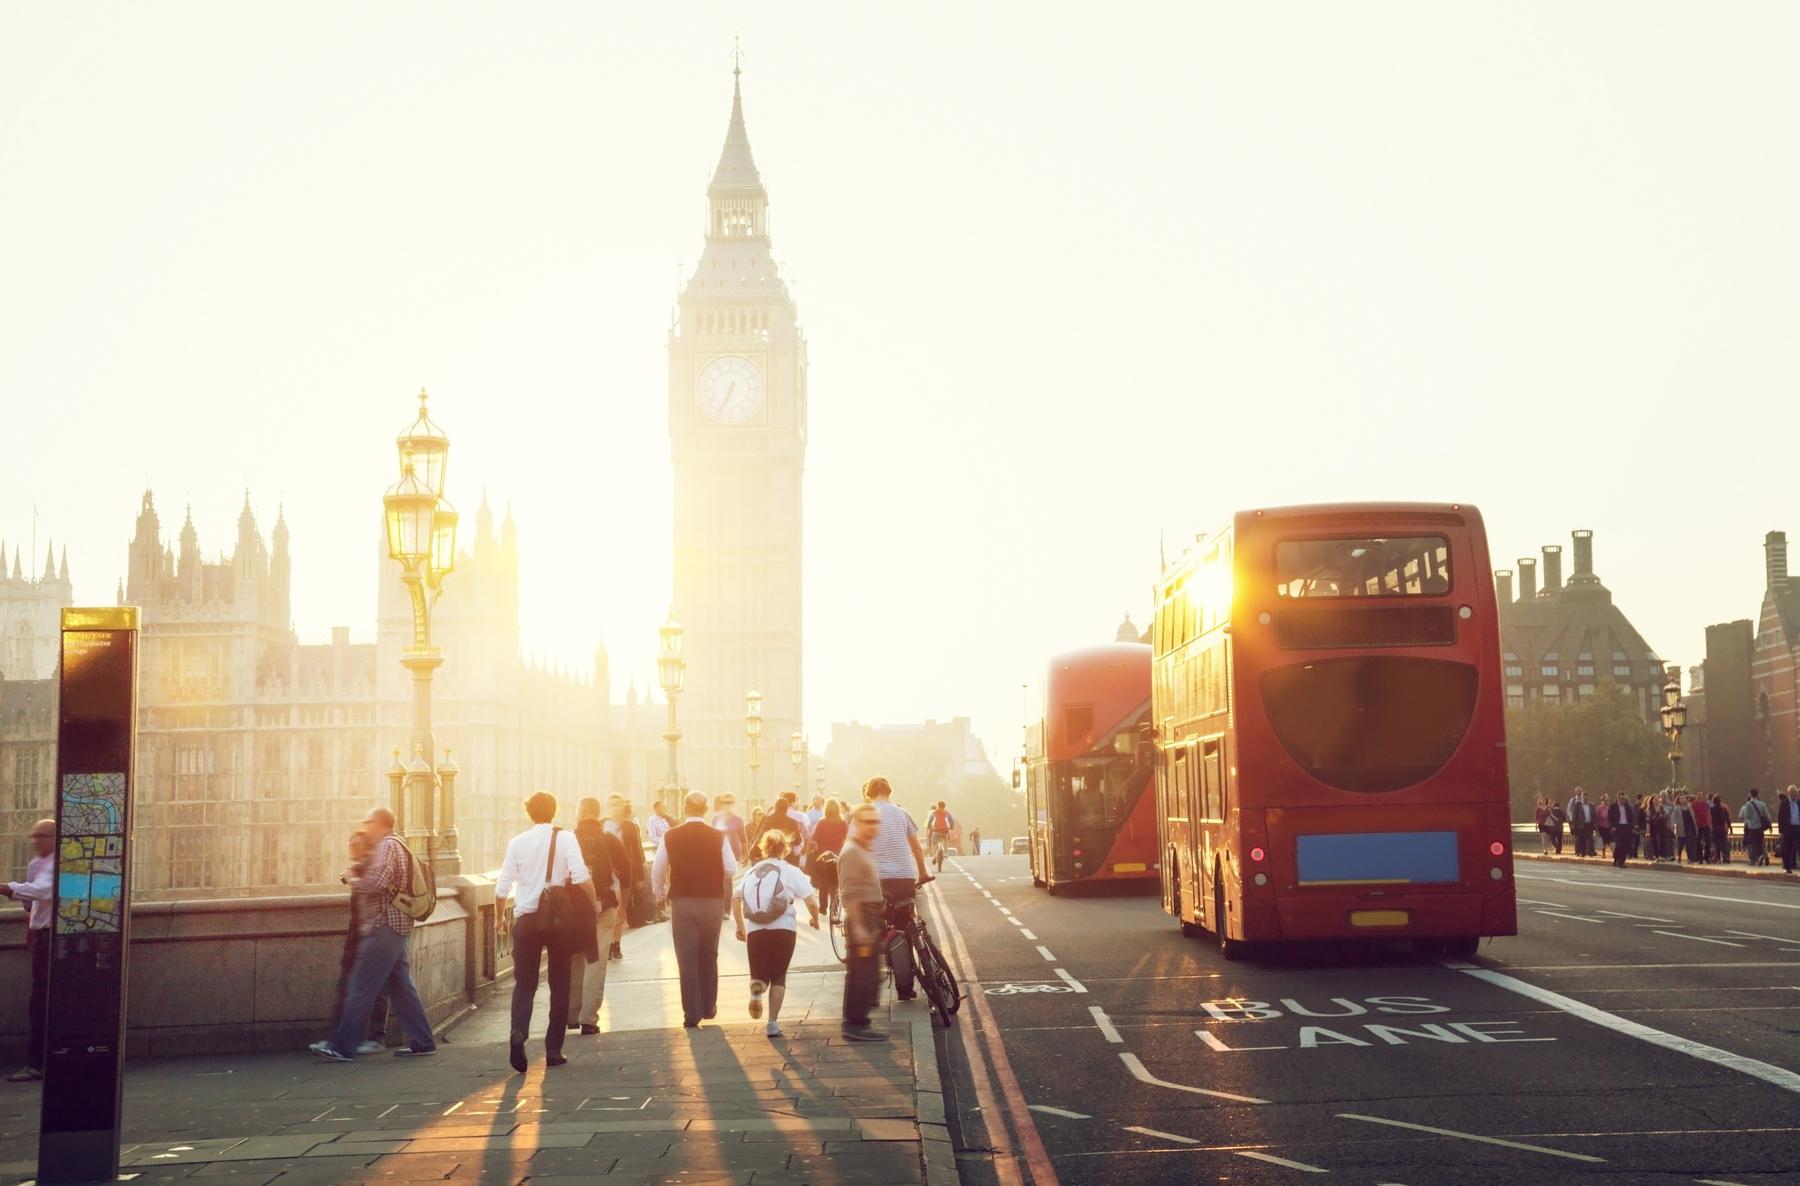 Existen multitud de planes que puedes hacer si viajas al Reino Unido, incluso en época de coronavirus